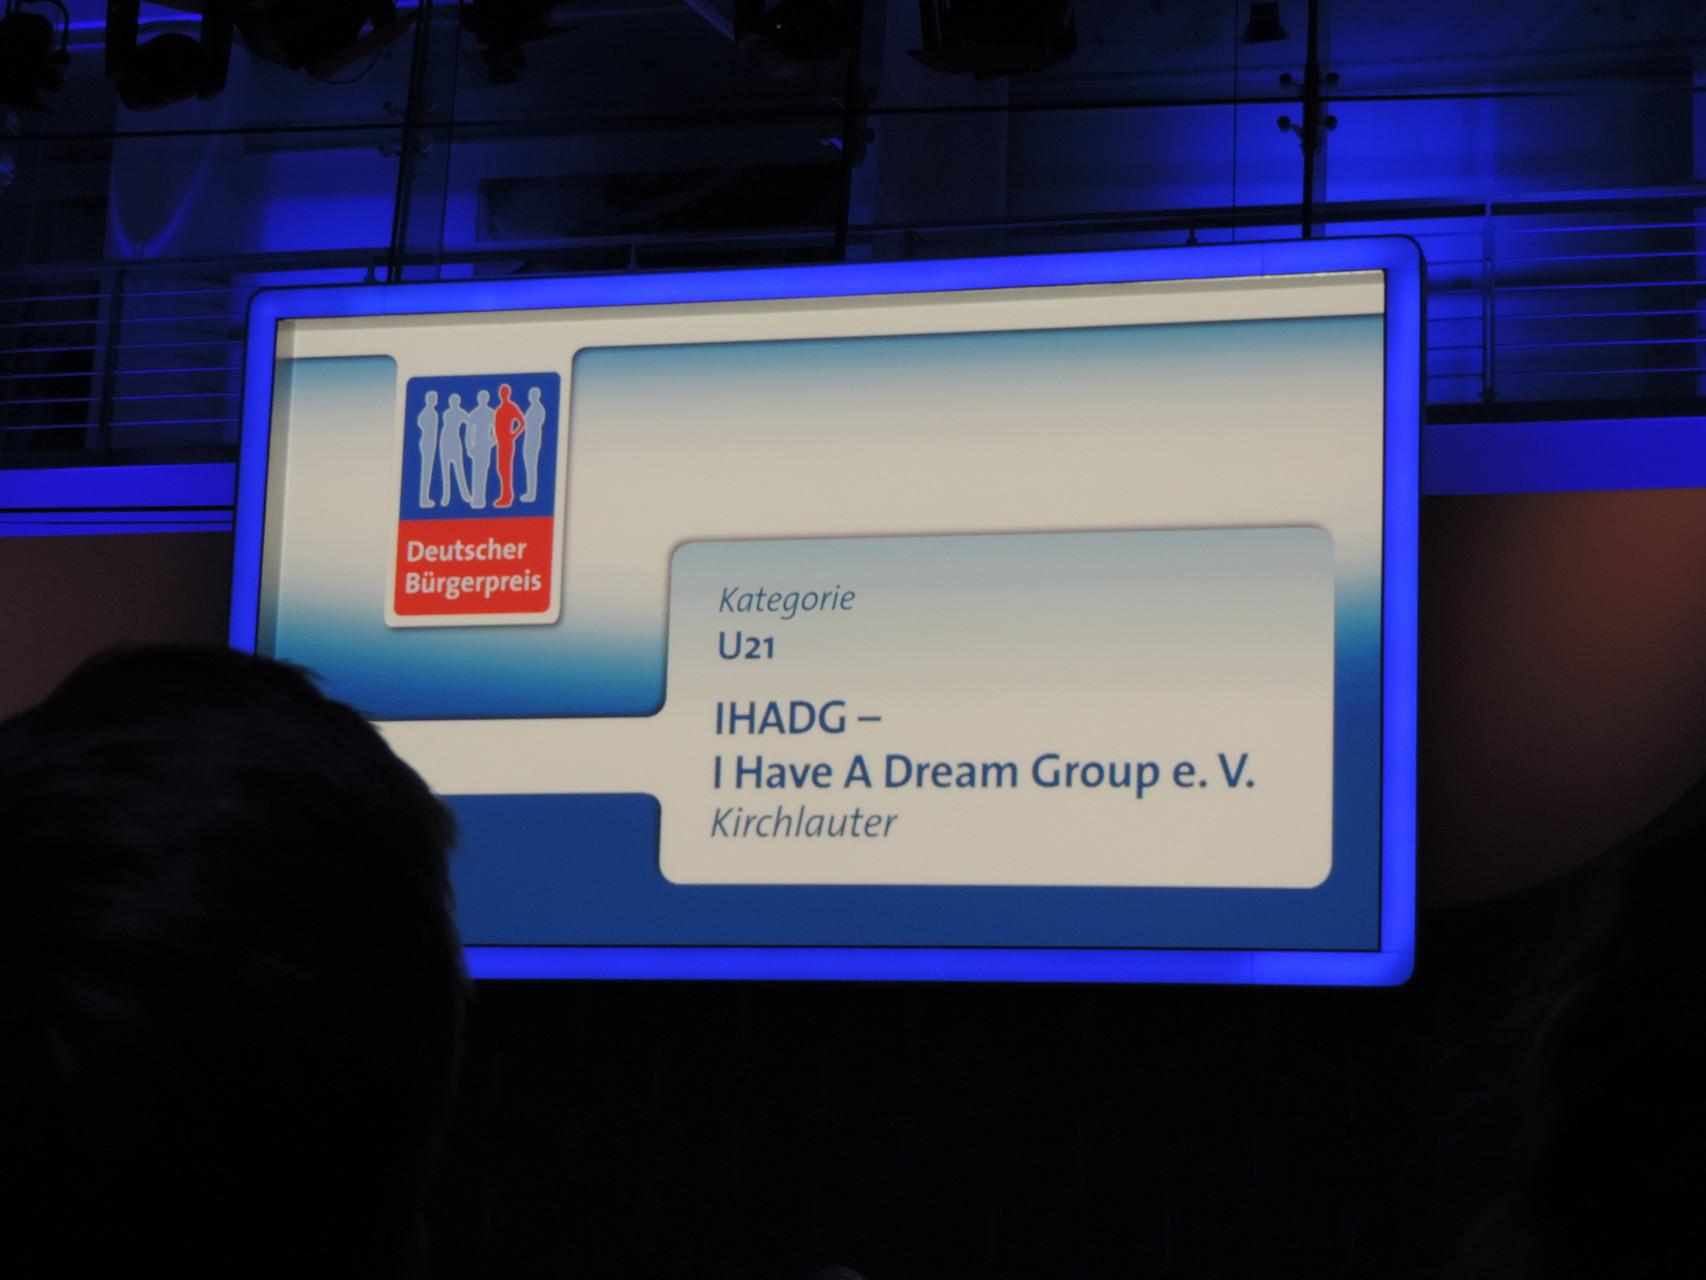 Unser Name auf dem großen Bildschirm in Berlin ;)